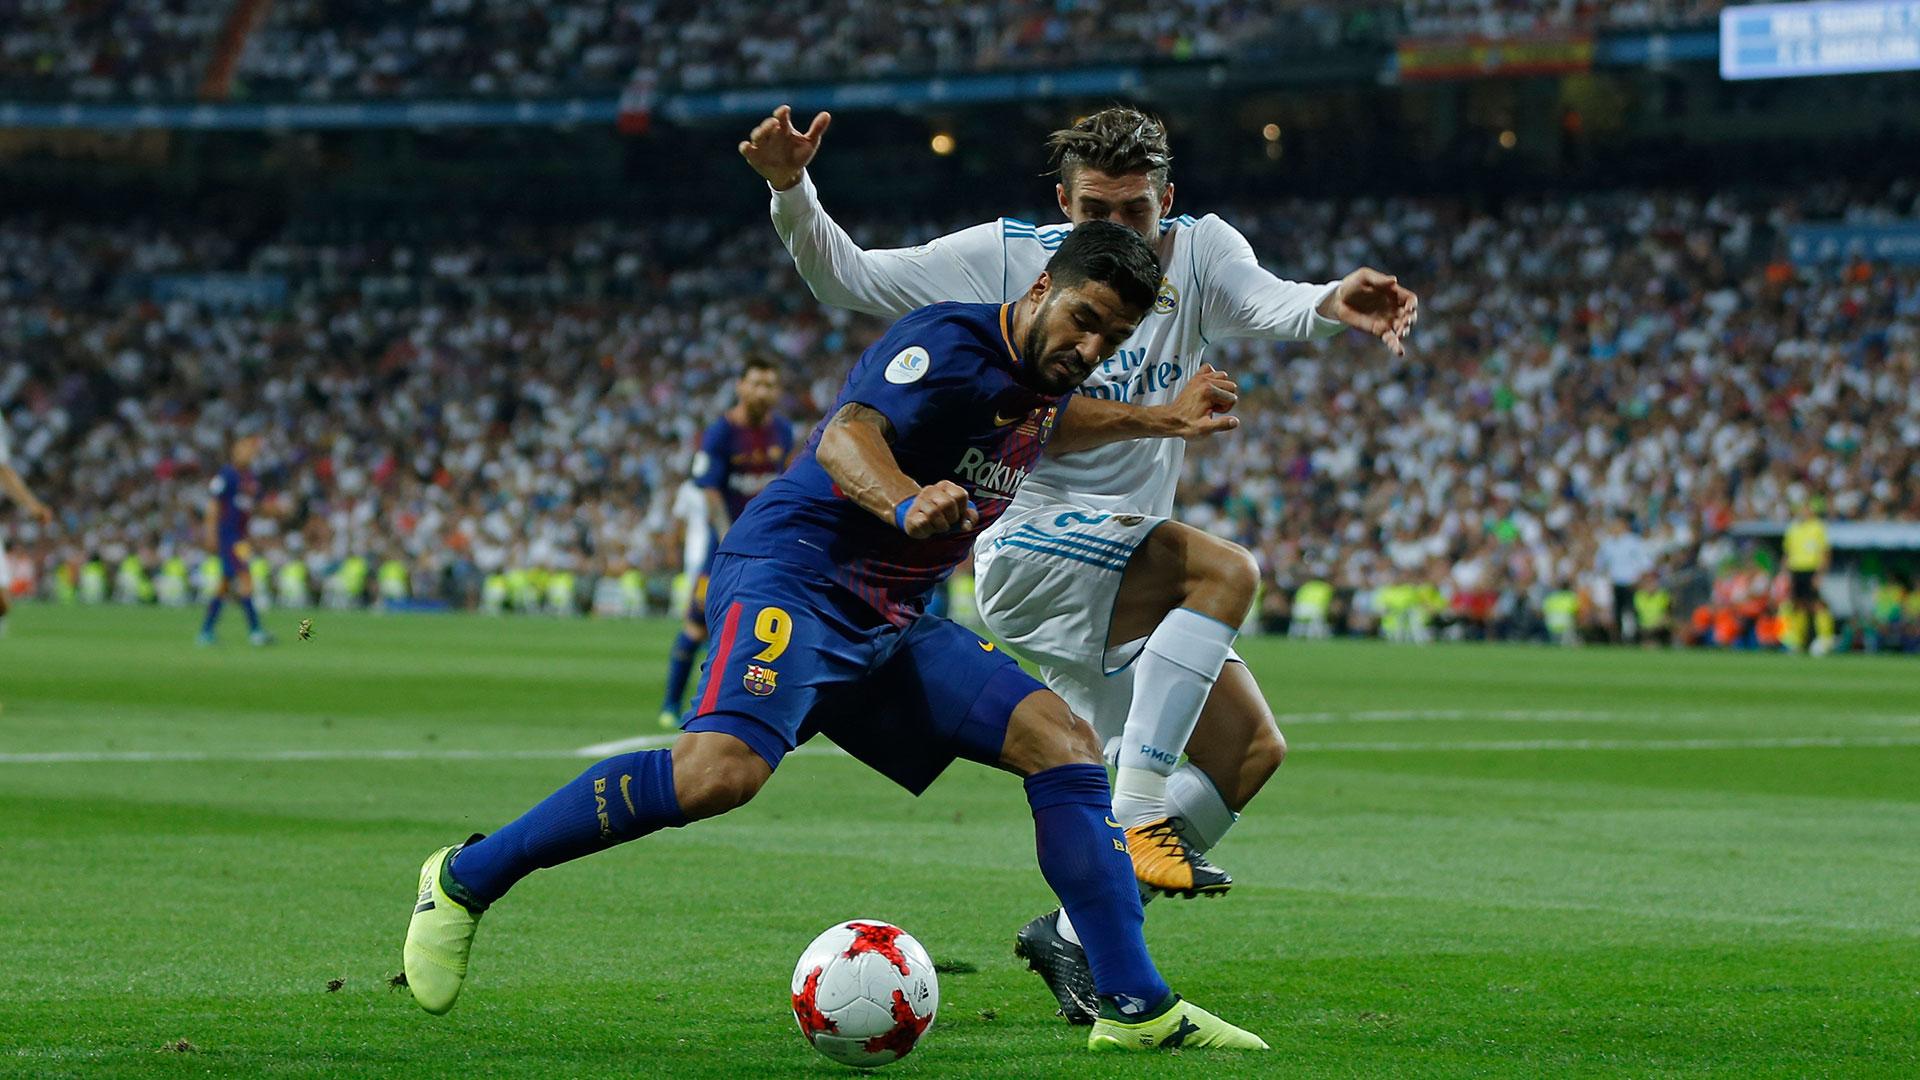 En la ida, Real Madrid había ganado 3 a 1